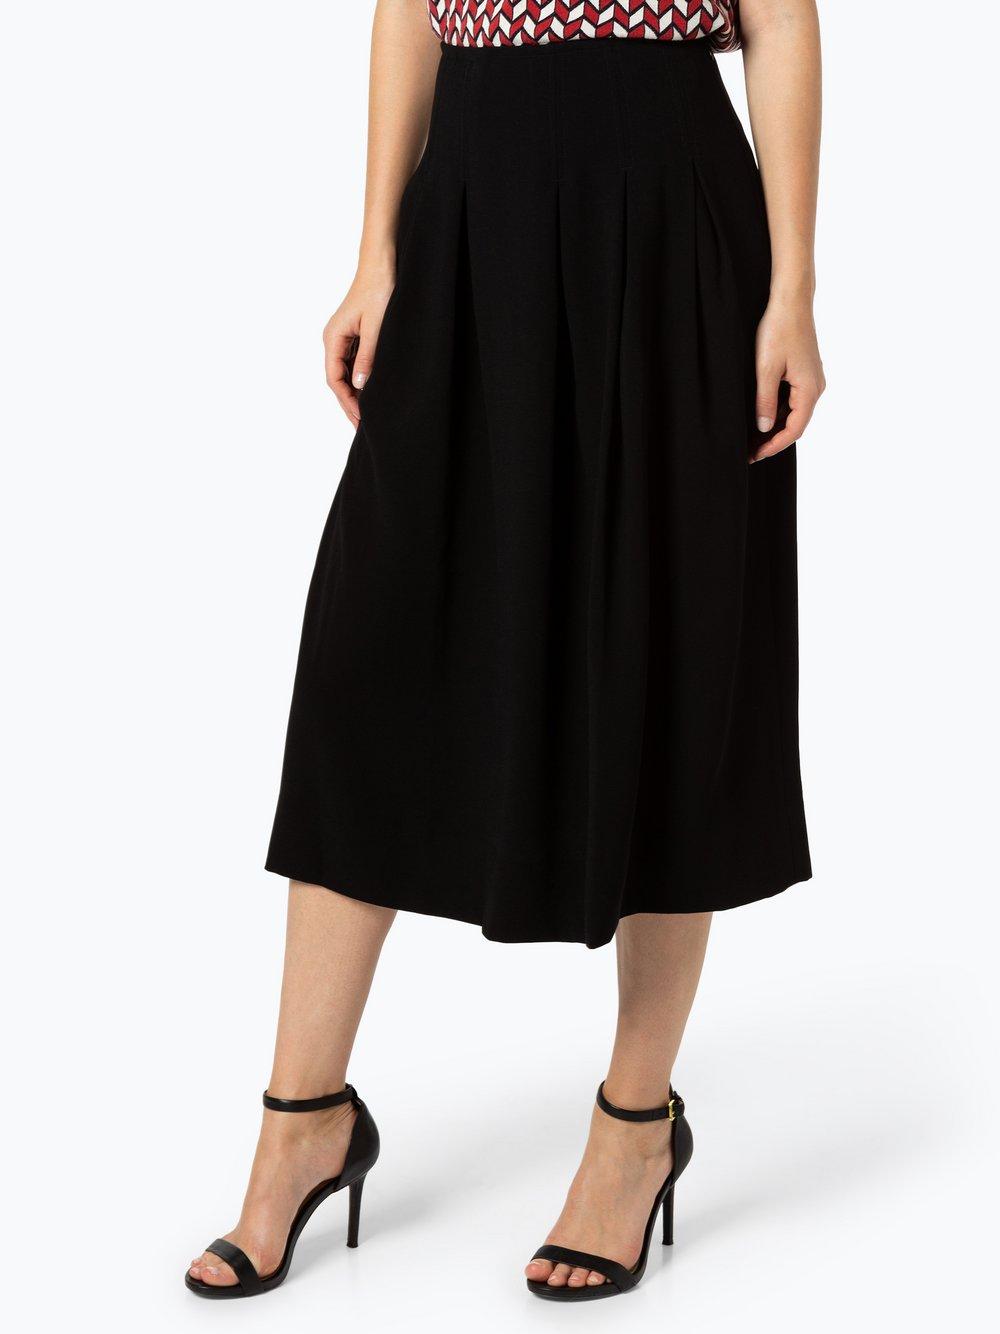 STEFFEN SCHRAUT - Spódnica damska, czarny